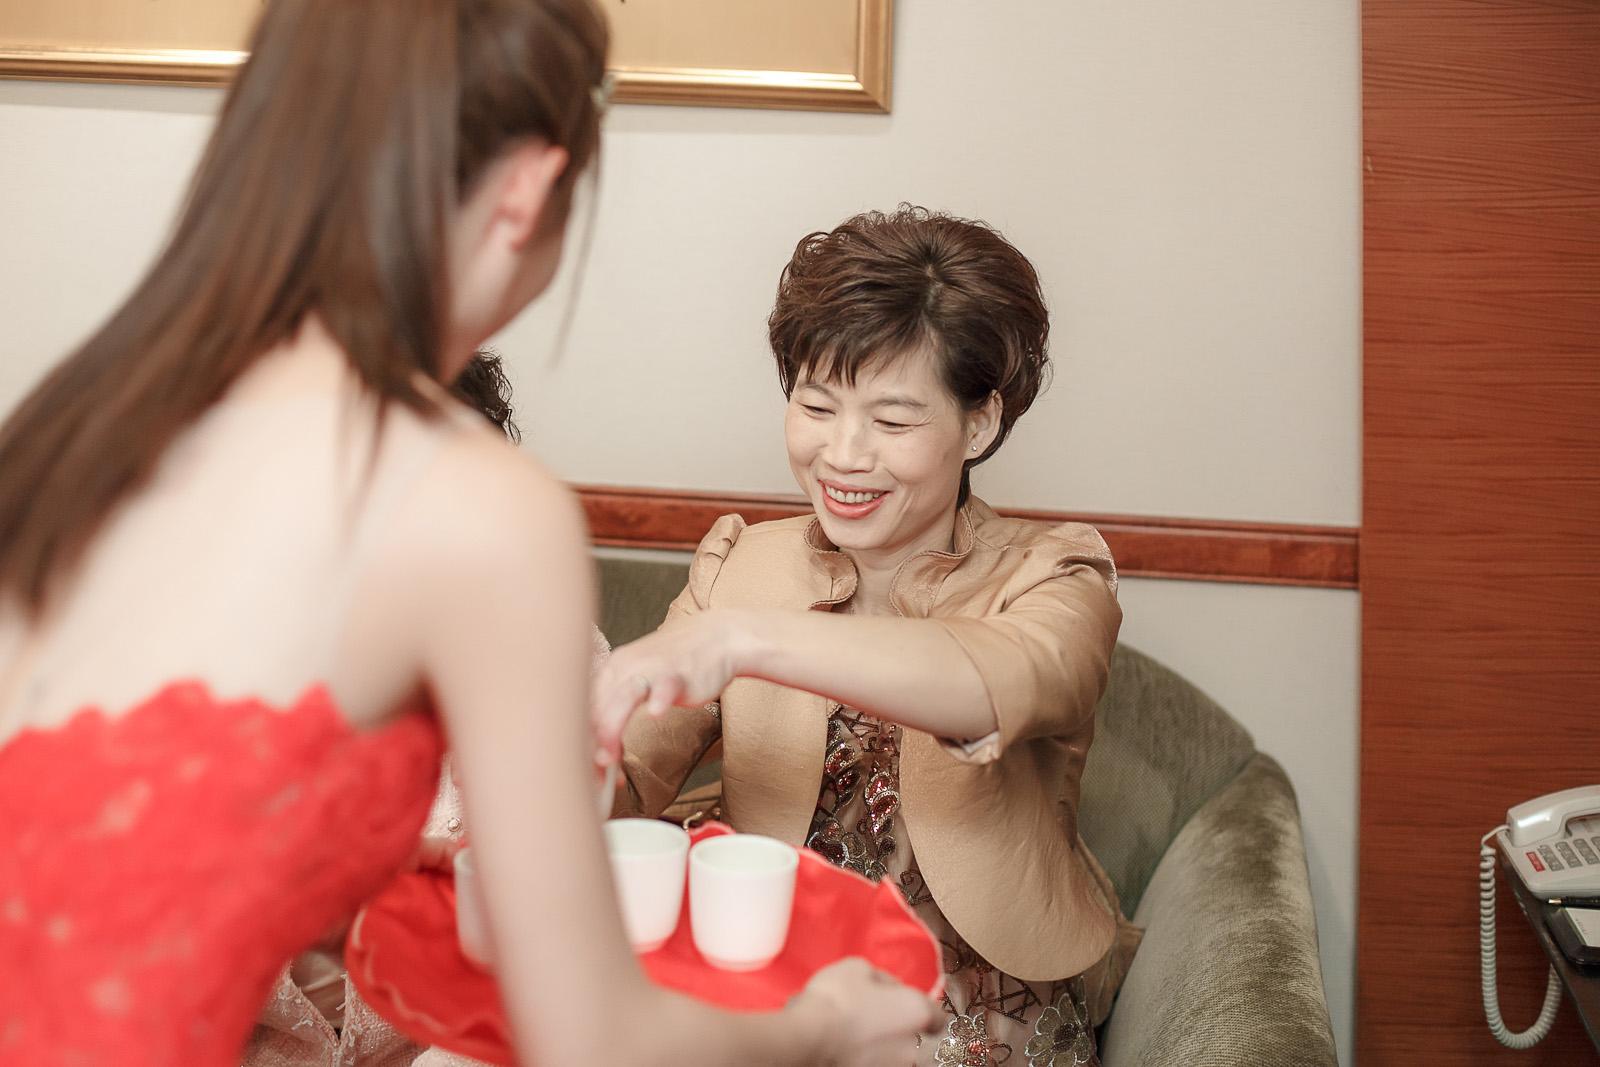 高雄圓山飯店,婚禮攝影,婚攝,高雄婚攝,優質婚攝推薦,Jen&Ethan-026